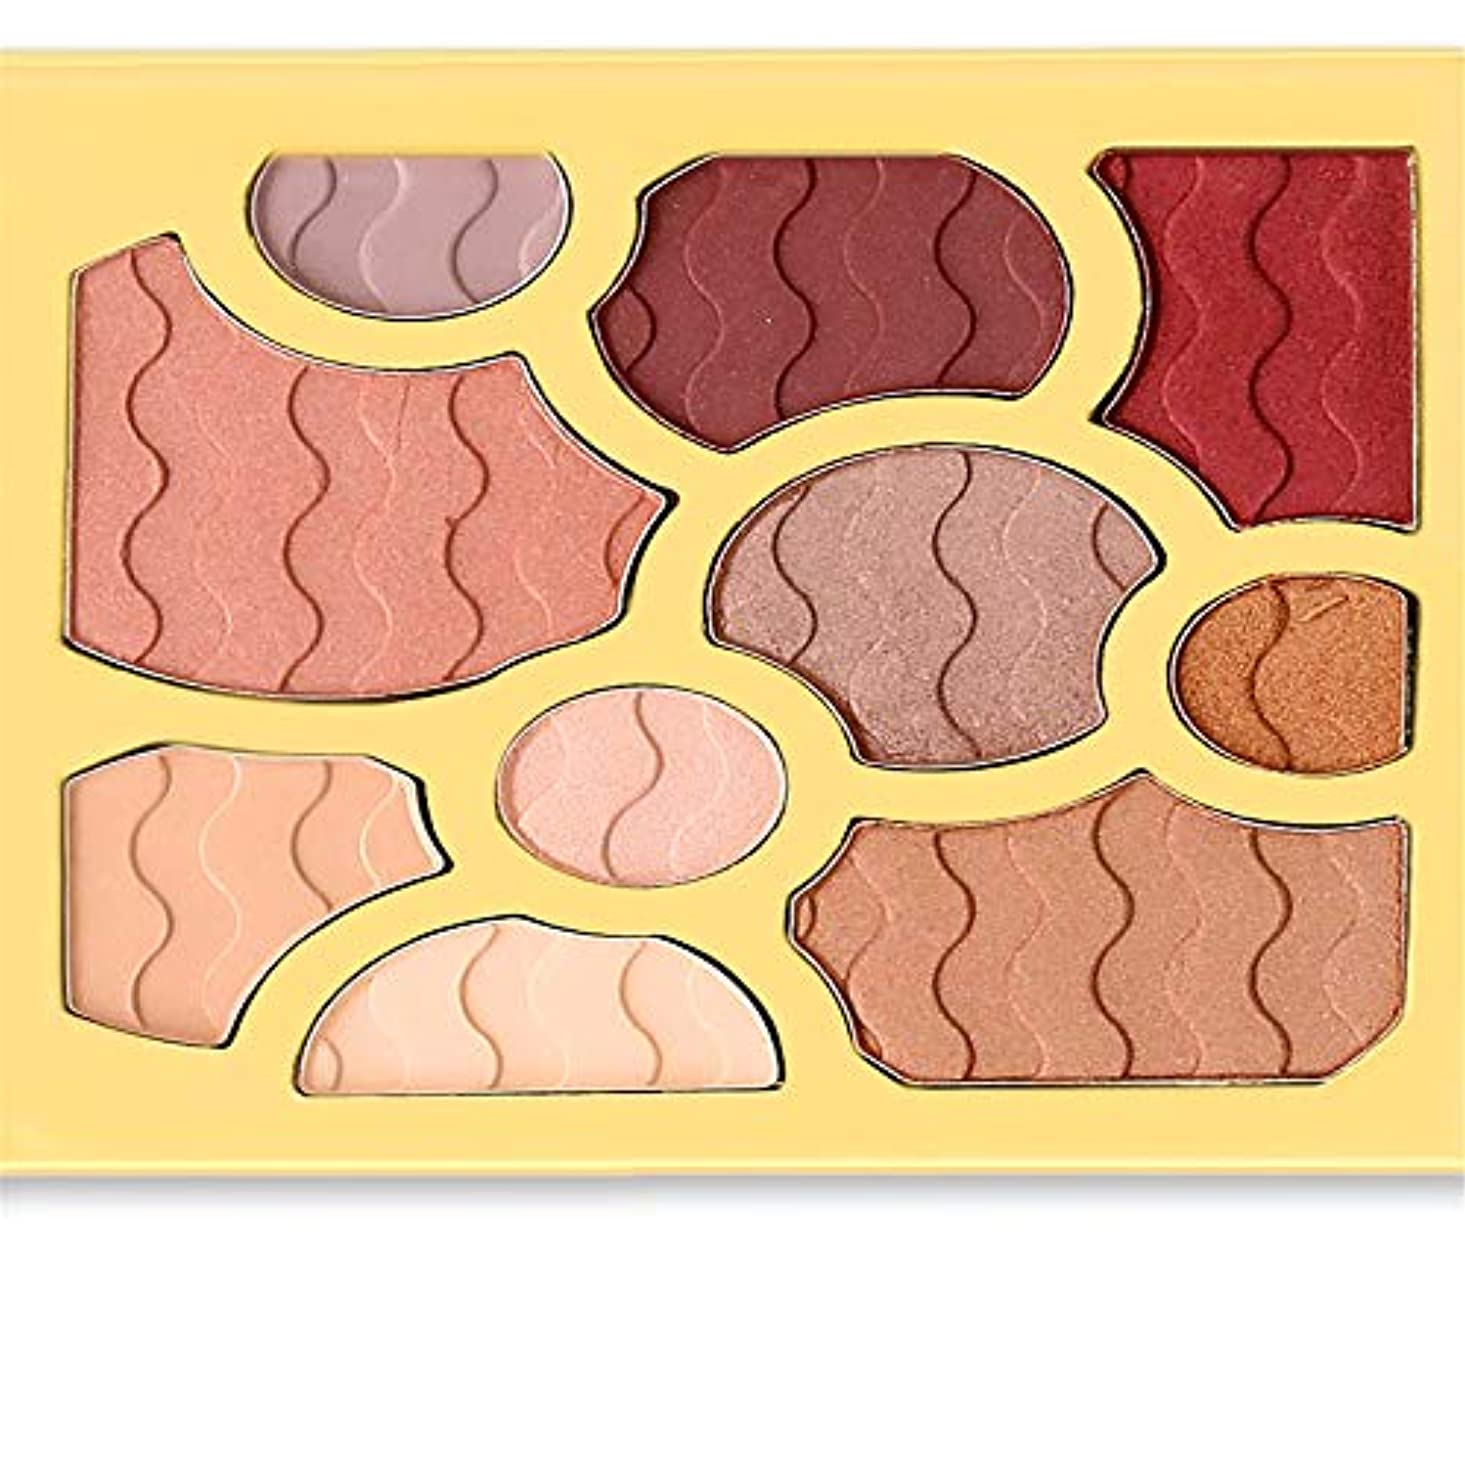 細い複雑な出血10色アイシャドウワインレッドプレートアイシャドウパウダーマット化粧品メイク